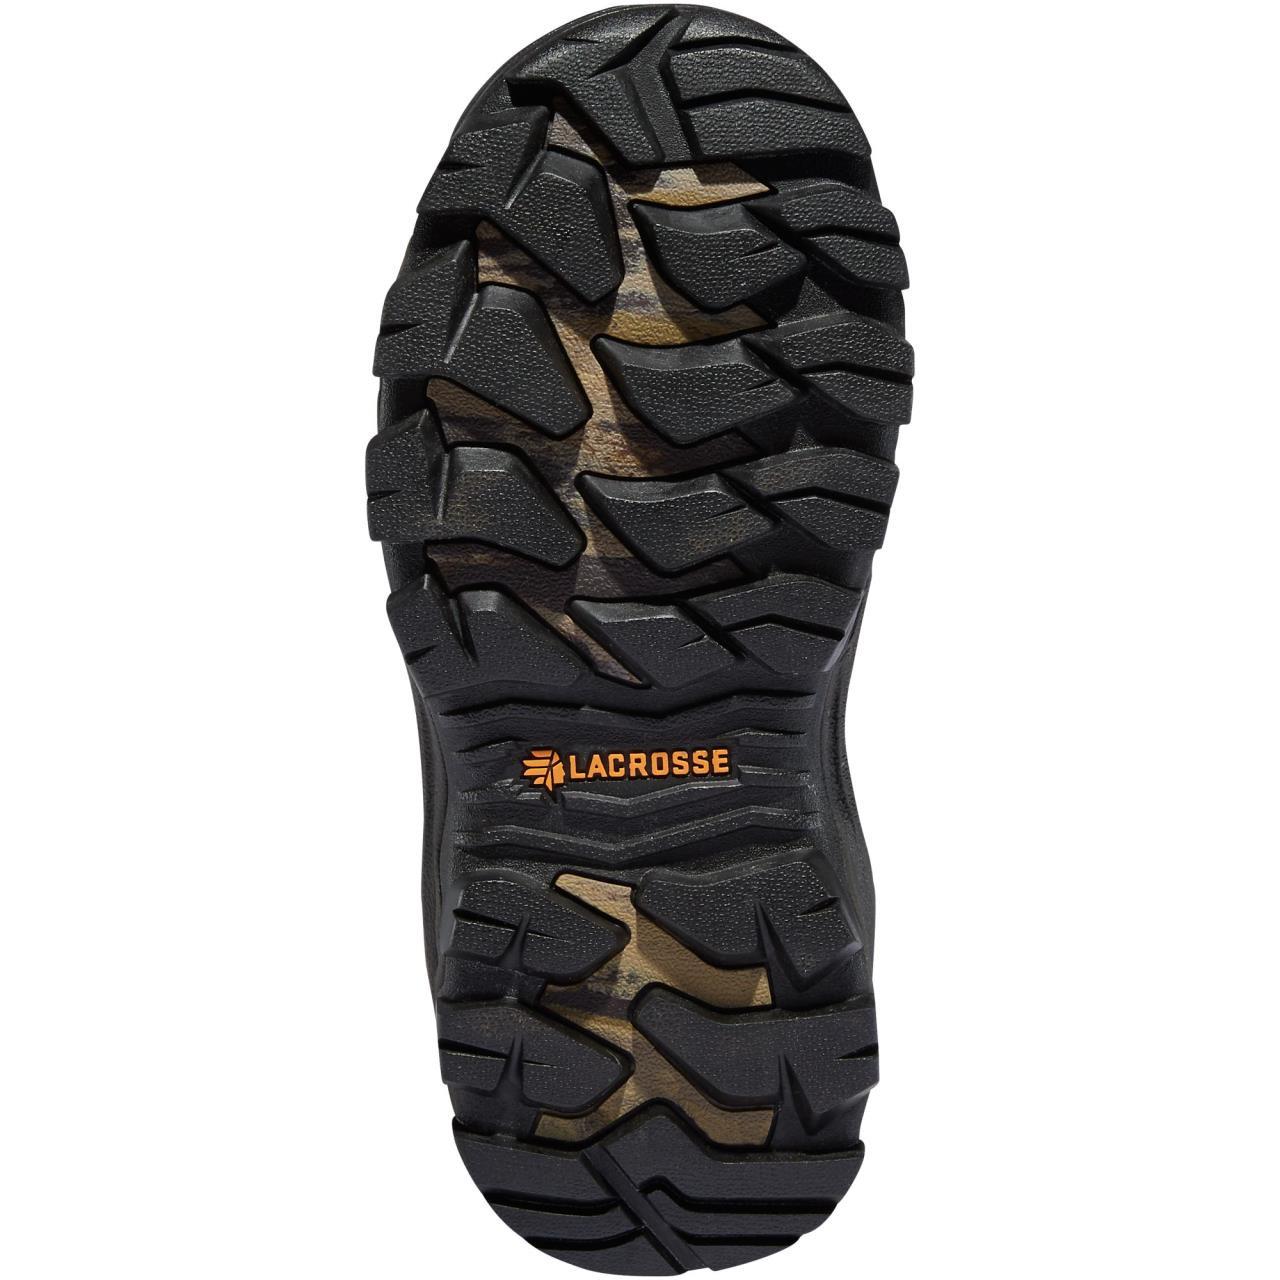 Lacrosse Footwear Alphaburly Pro Boot 1600GR Womens - Mossy Oak Break-Up Country - 612632234328